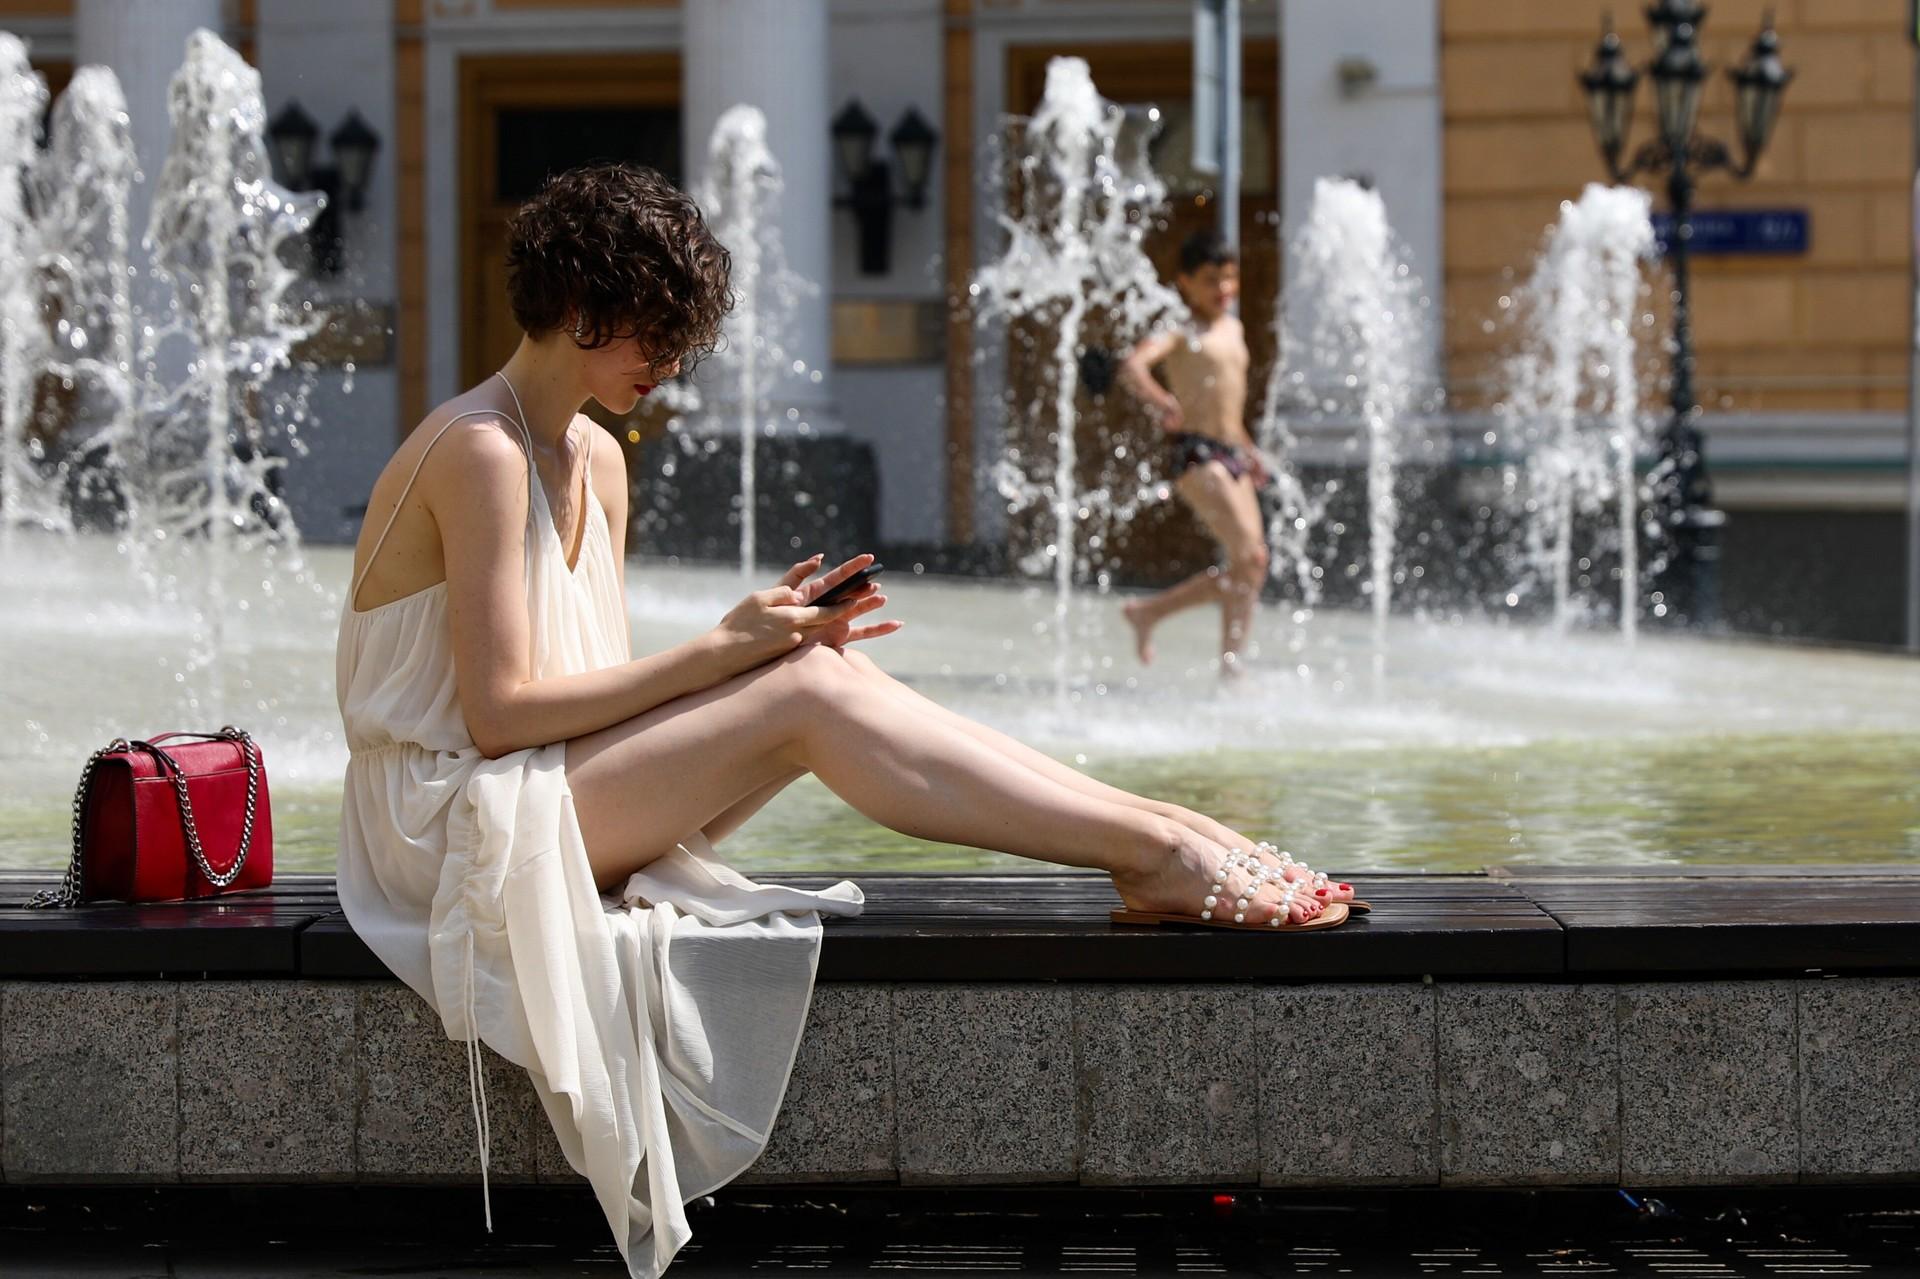 Москва, 23. јун 2021, Биржевој трг